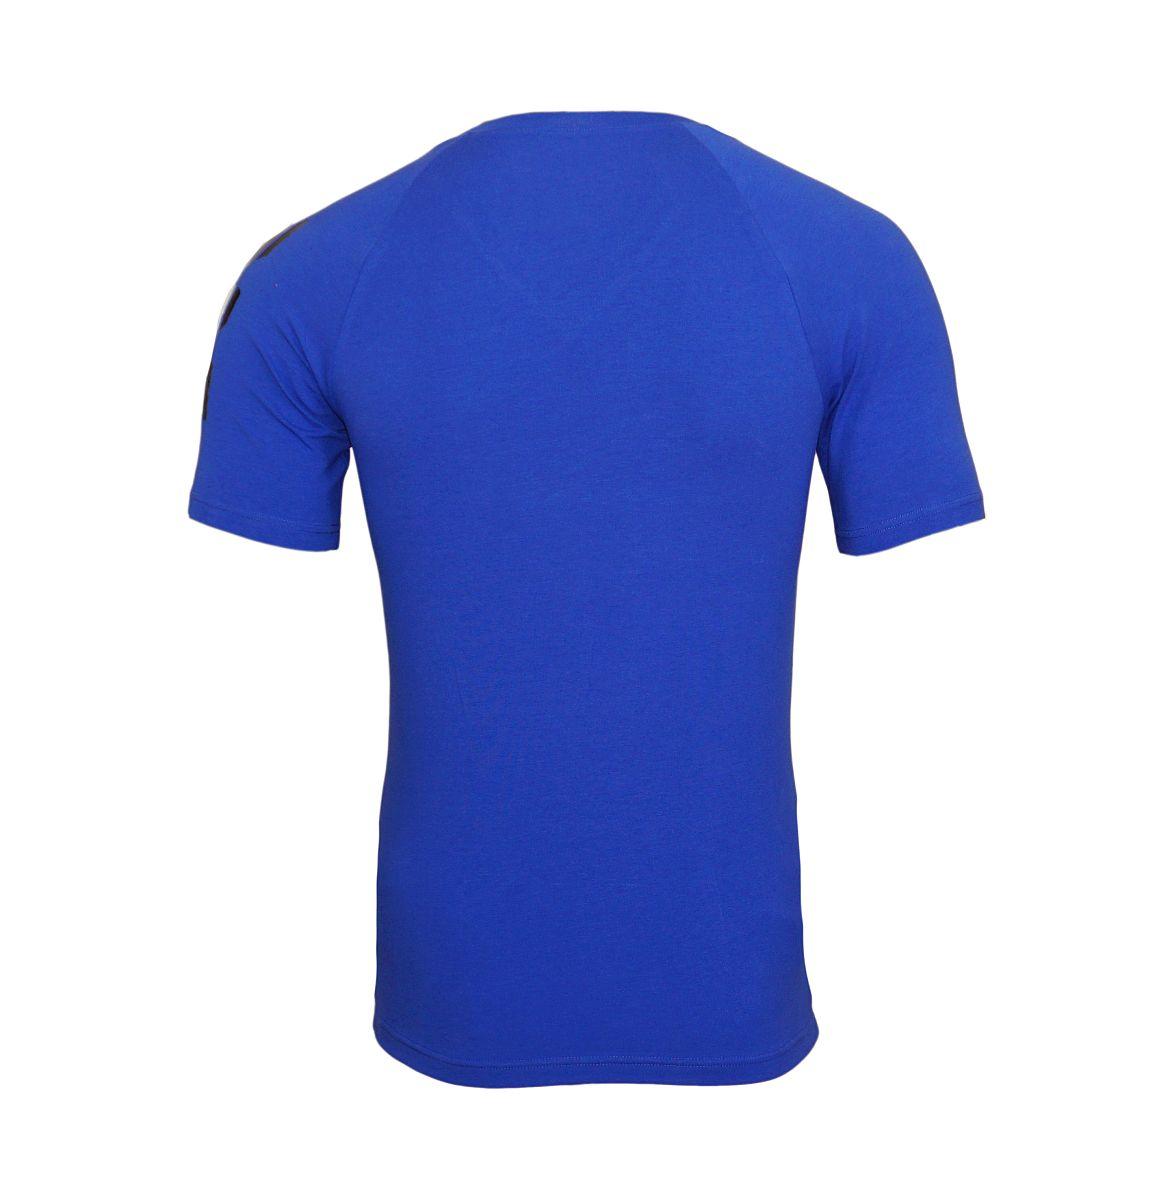 Emporio Armani T-Shirt V-Ausschnitt 111760 8P725 20533 ULTRAMARINE W18-EATS1